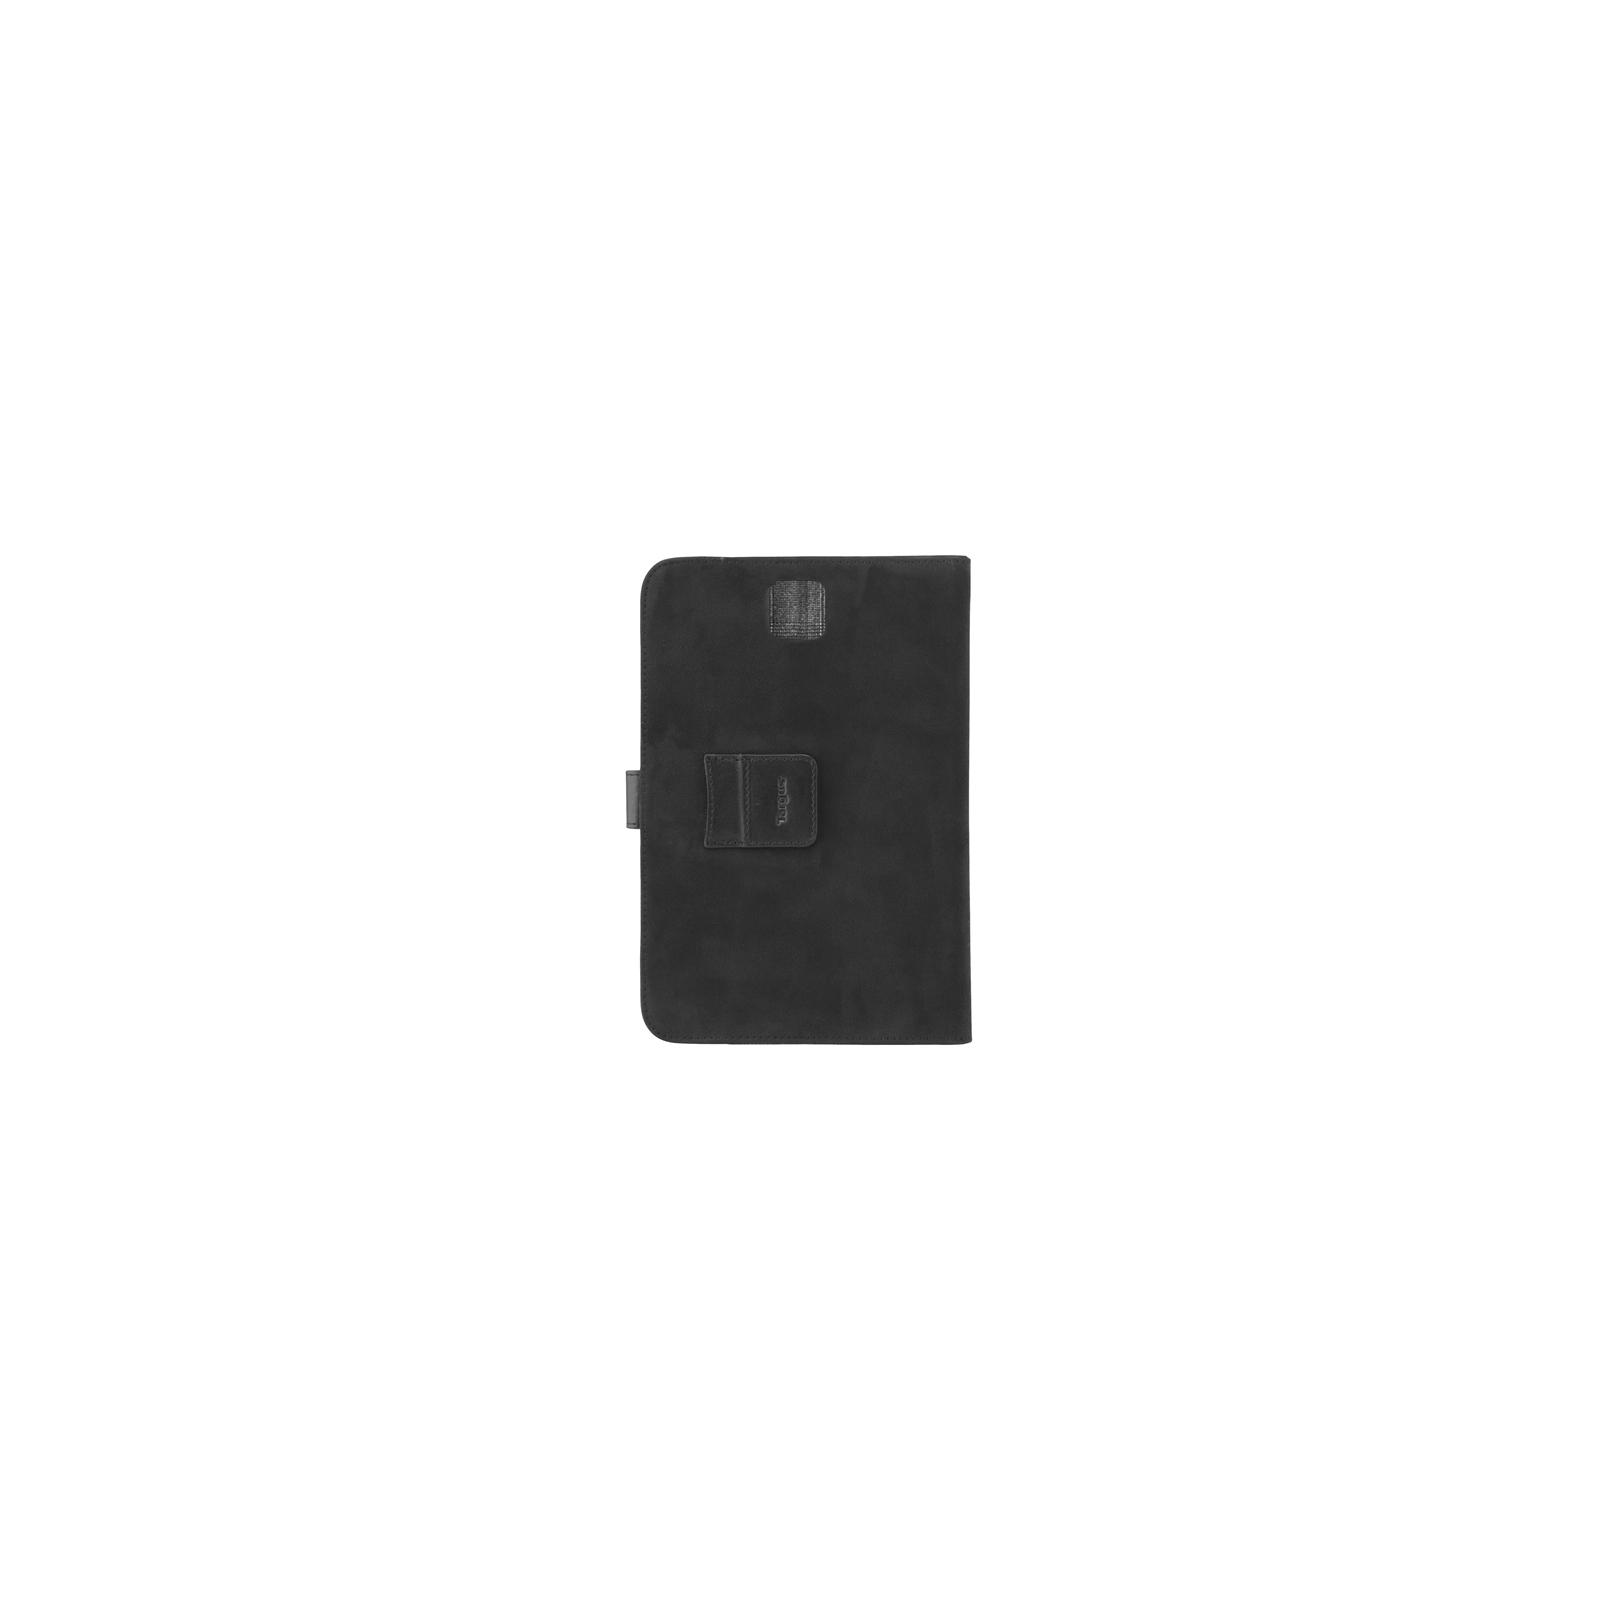 Чехол для планшета Targus 8 Galaxy Note (THZ207EU) изображение 2